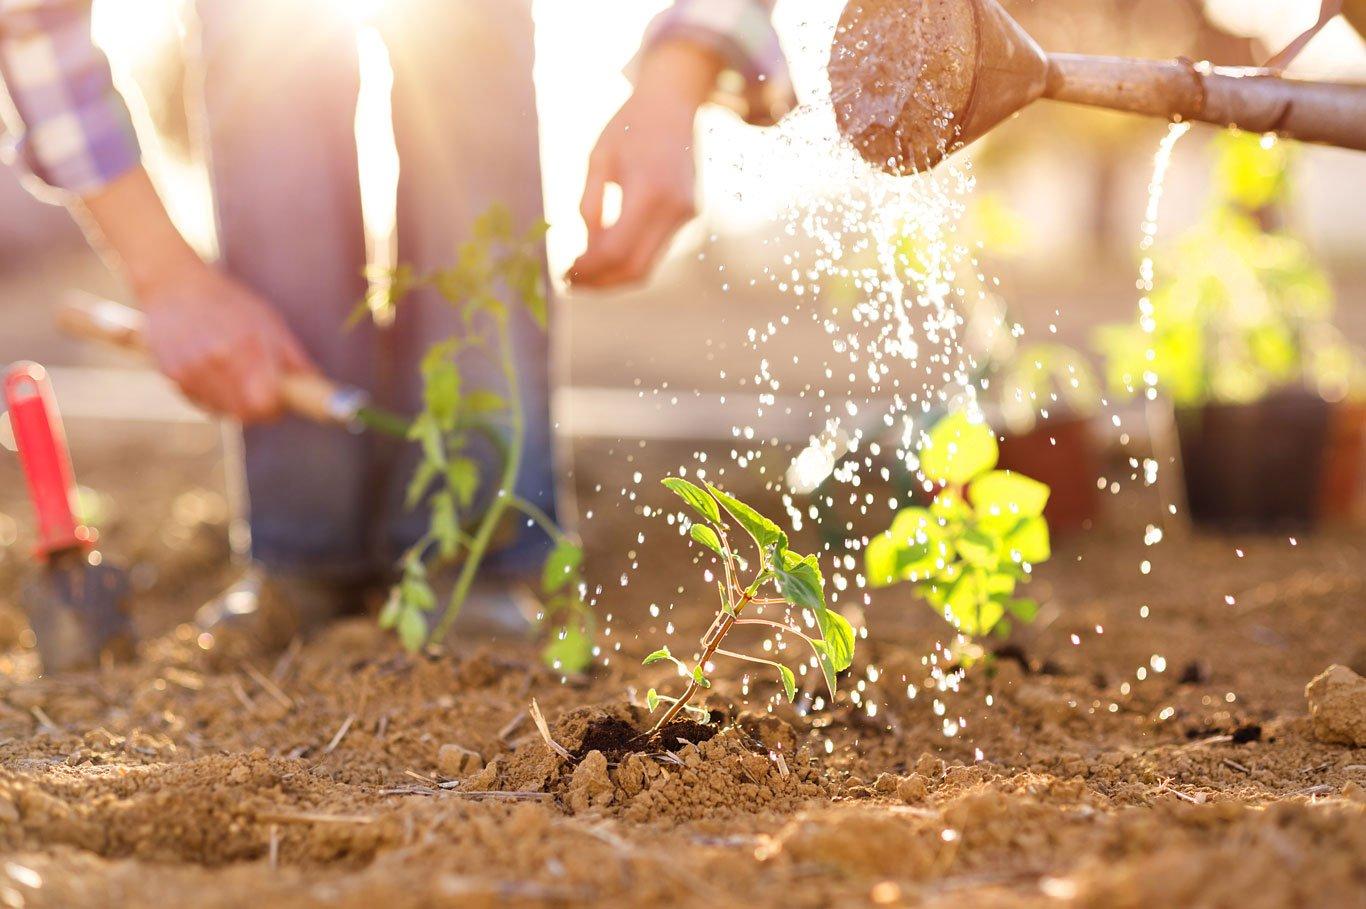 Growing-Vegetables-1366-0419